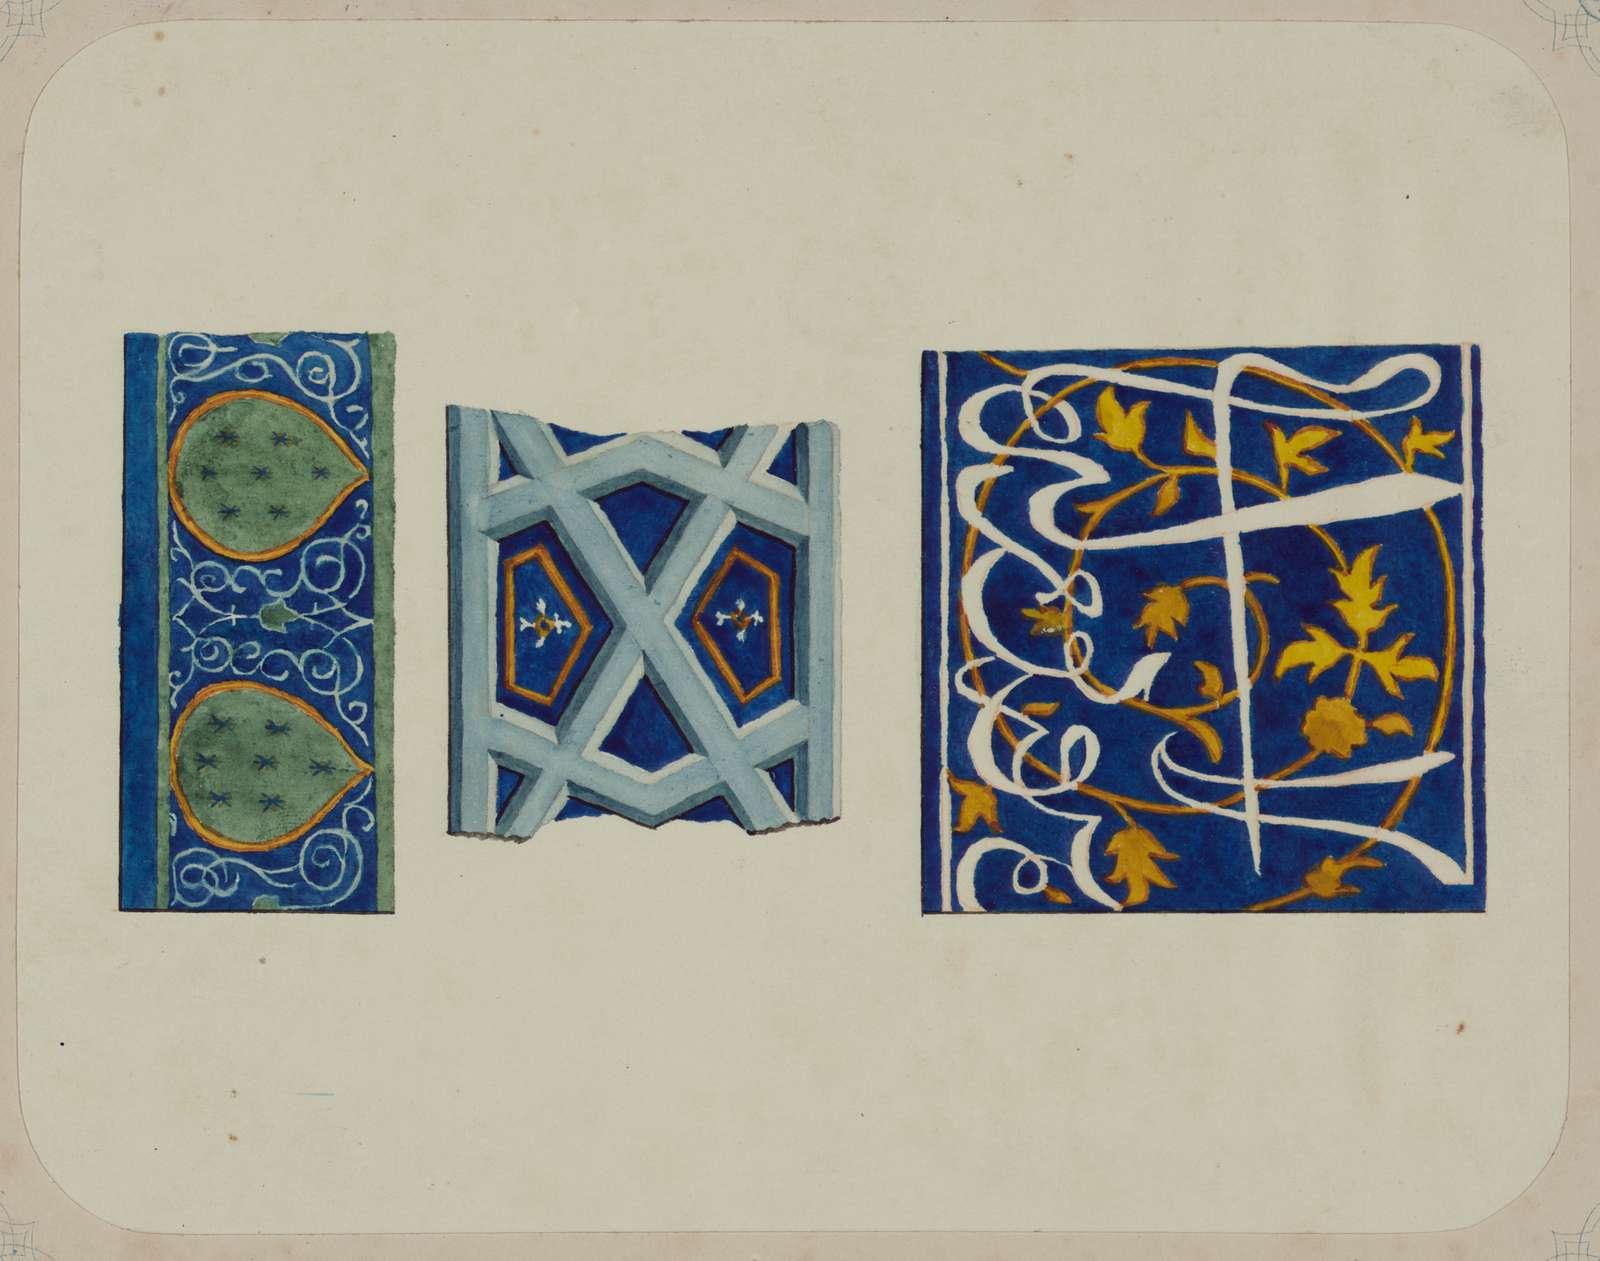 Samarkandskiia drevnosti. Grobnitsa sviatago Kussama ibni Abassa (Shakh-Zinde) i mavzolei pri nem [sic]. Mavzolei Emira Assada. Izraztsy s raznykh chastei mavzoleia Emira Assada